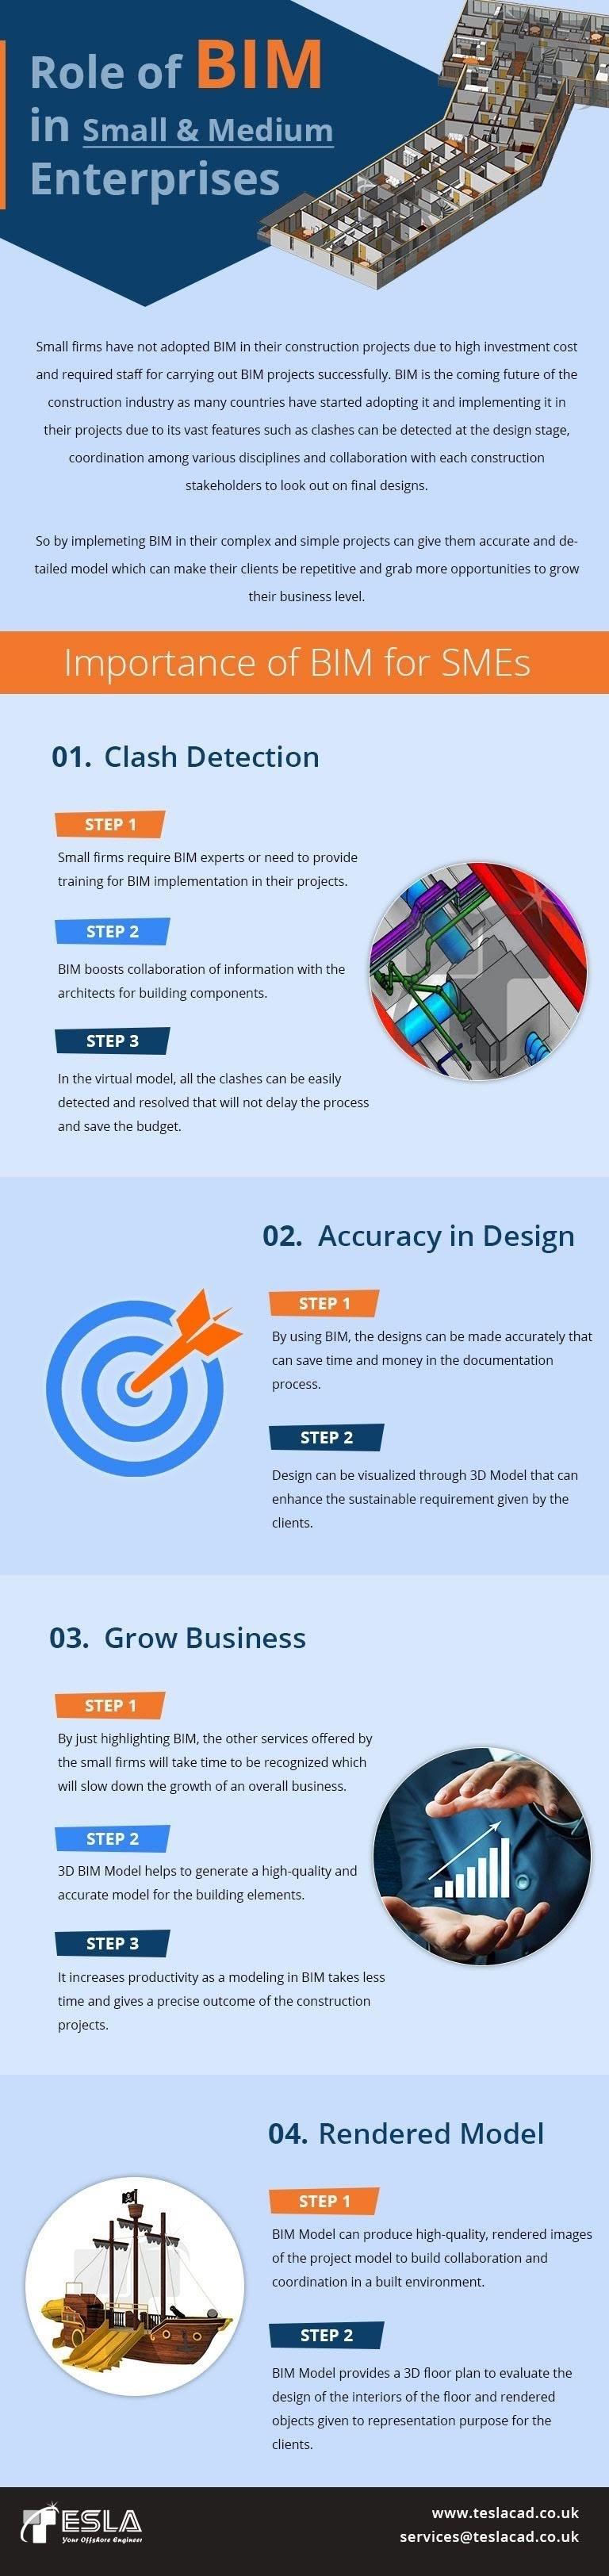 Role of BIM in Small & Medium Enterprises #infographic